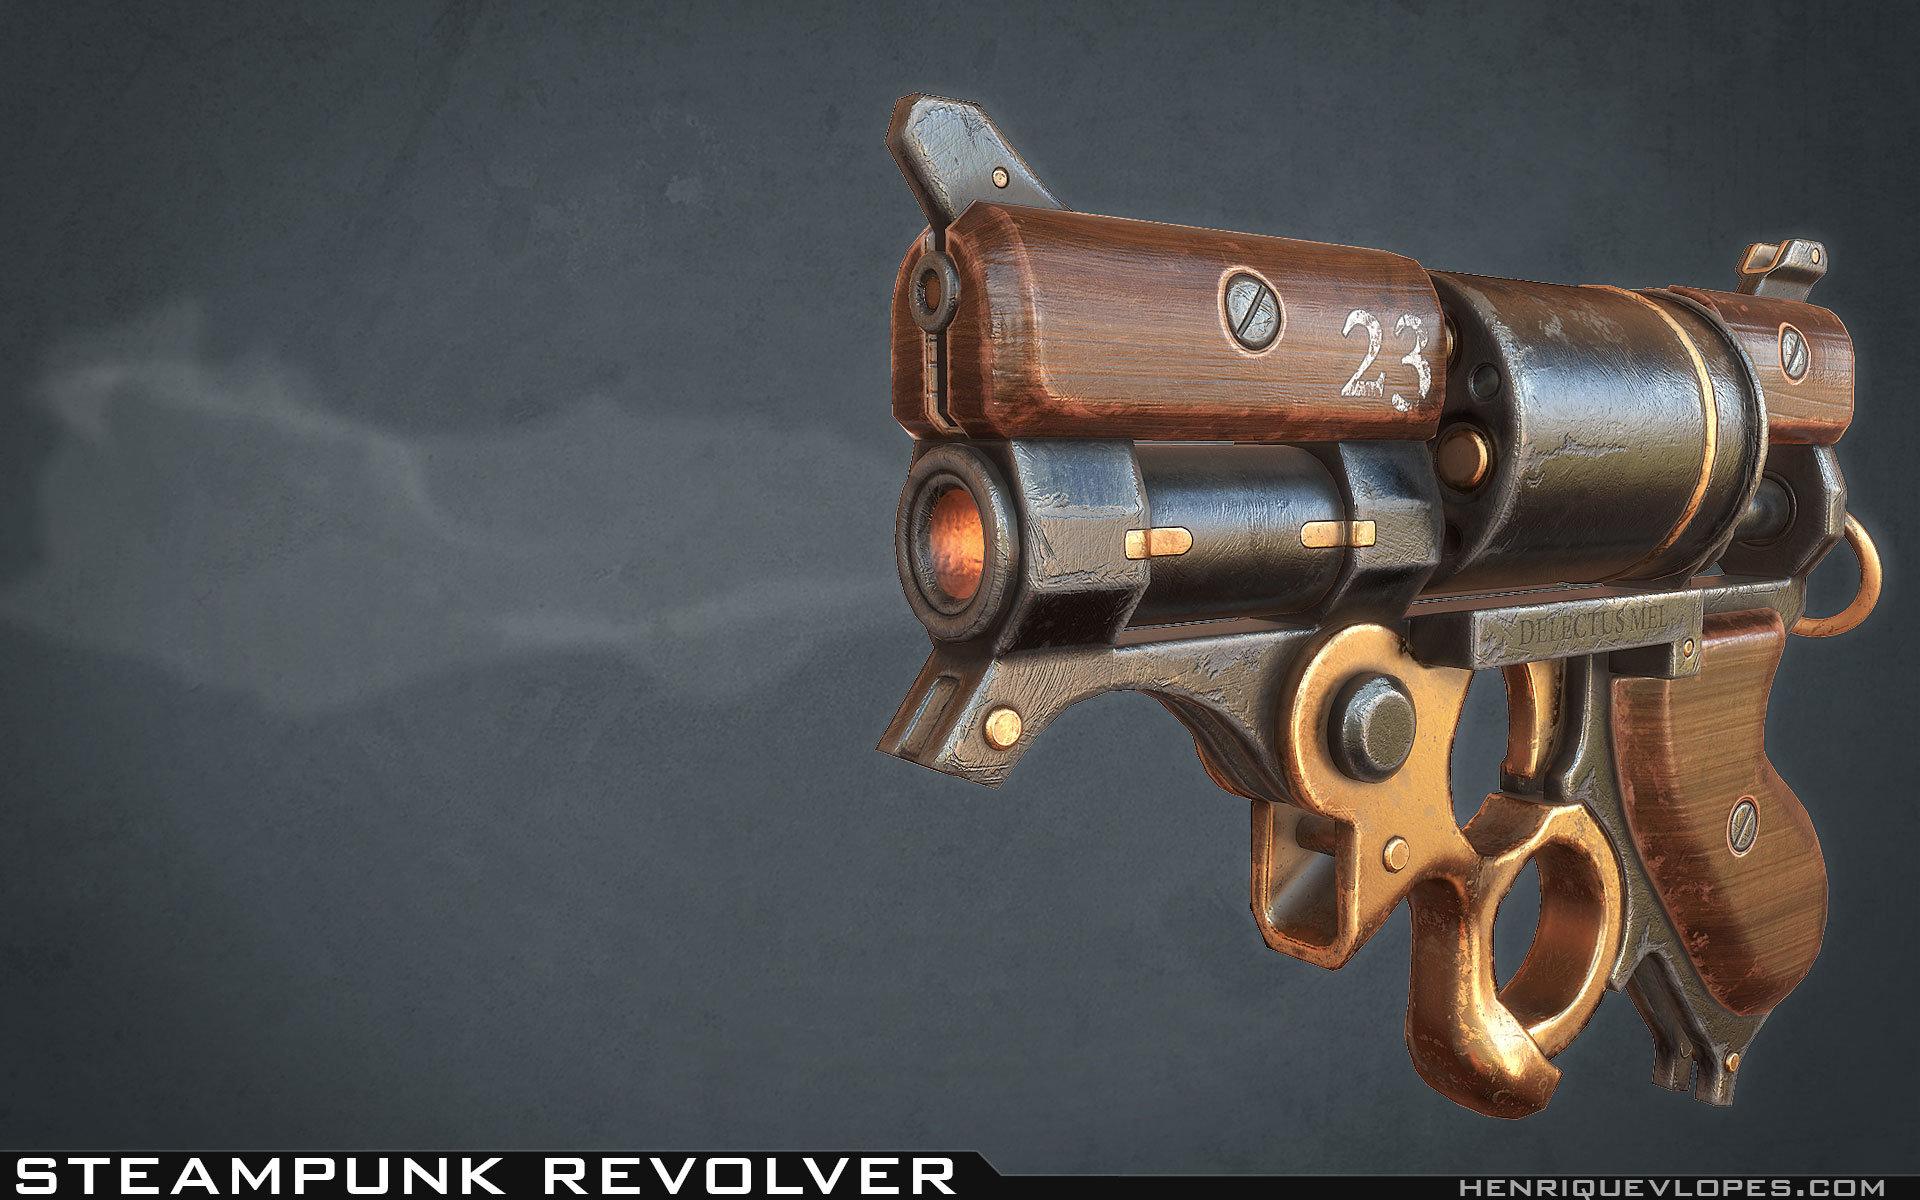 Henrique lopes steampunk revolver lp 02